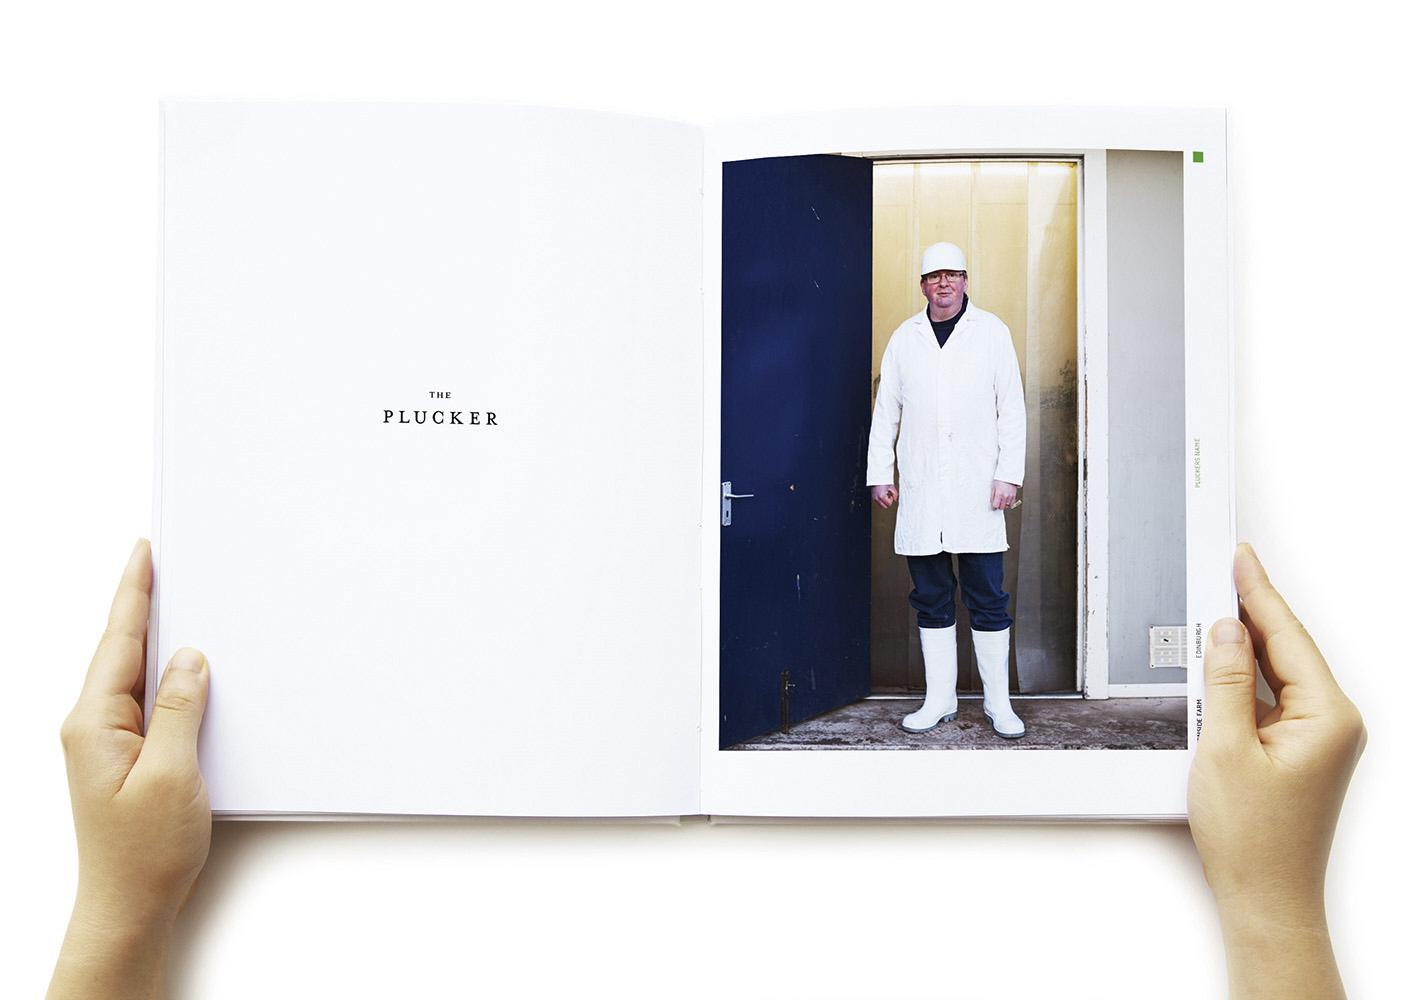 Mockup-Book-06 Kopie 1